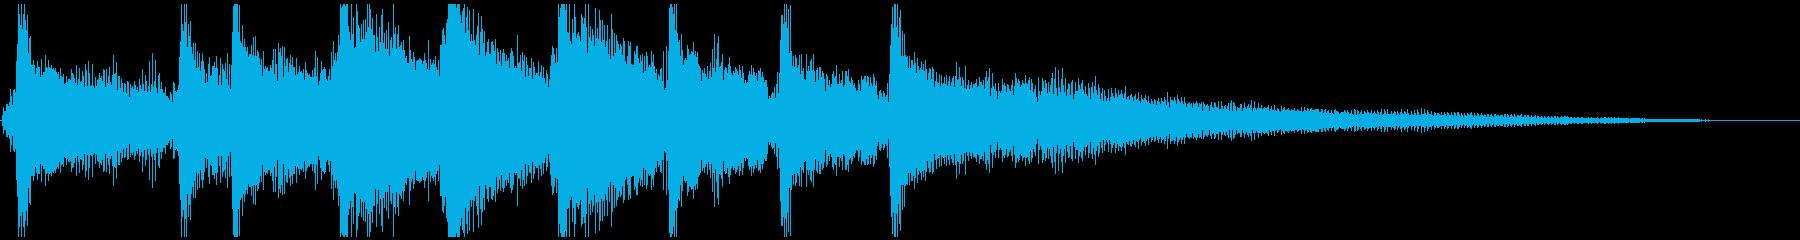 怪しげなインド風エスニックサウンドの再生済みの波形